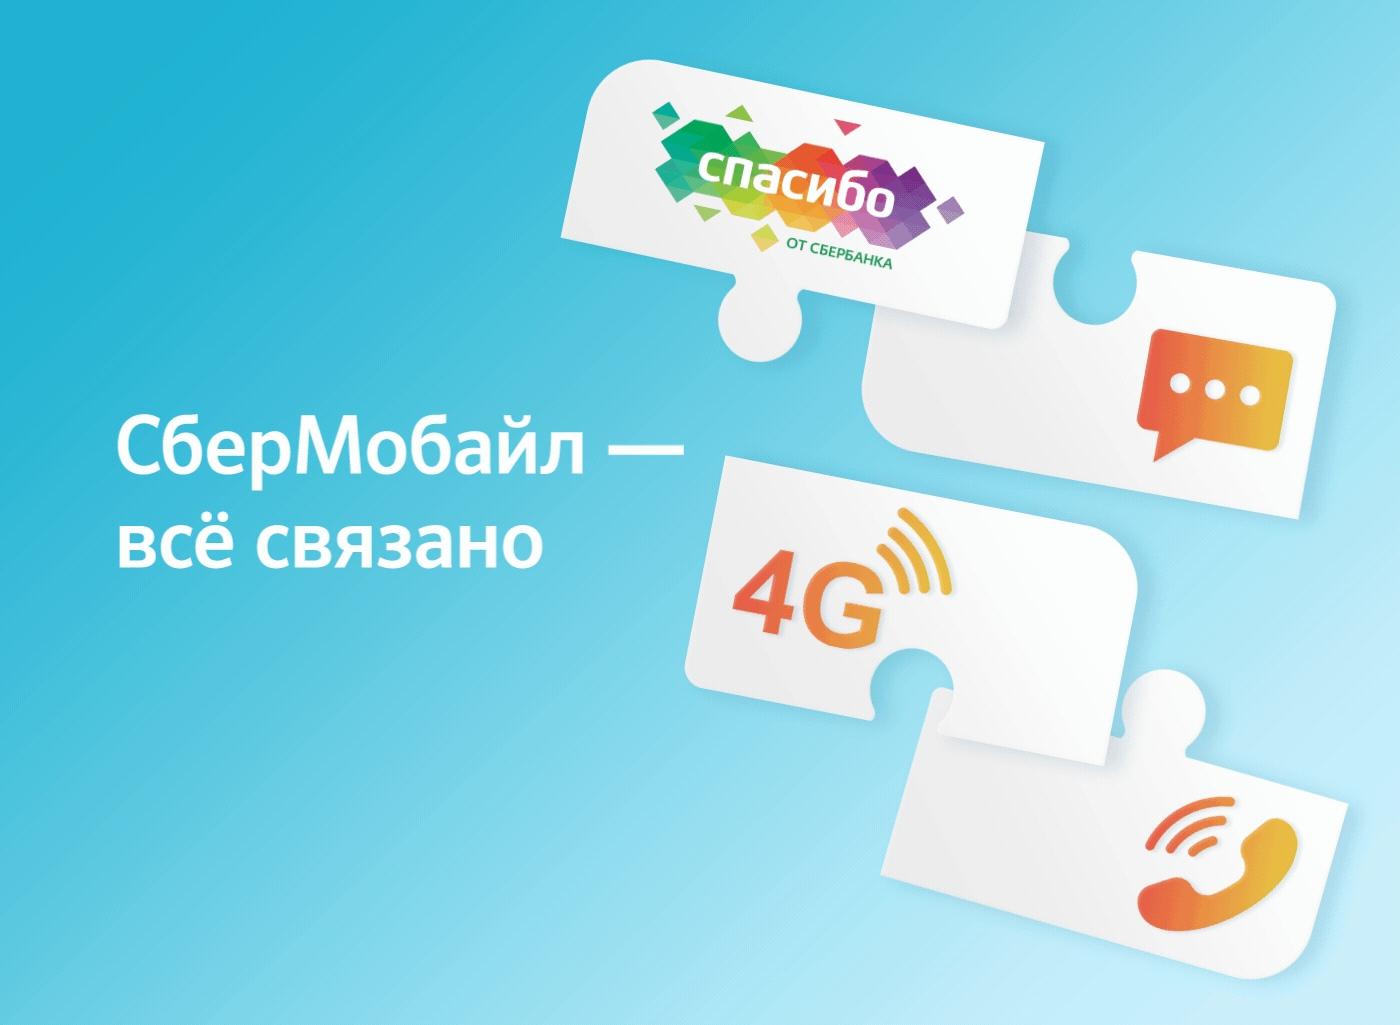 """СберМобайл напомнил о своей акции : """"Второй месяц бесплатно"""" 1"""